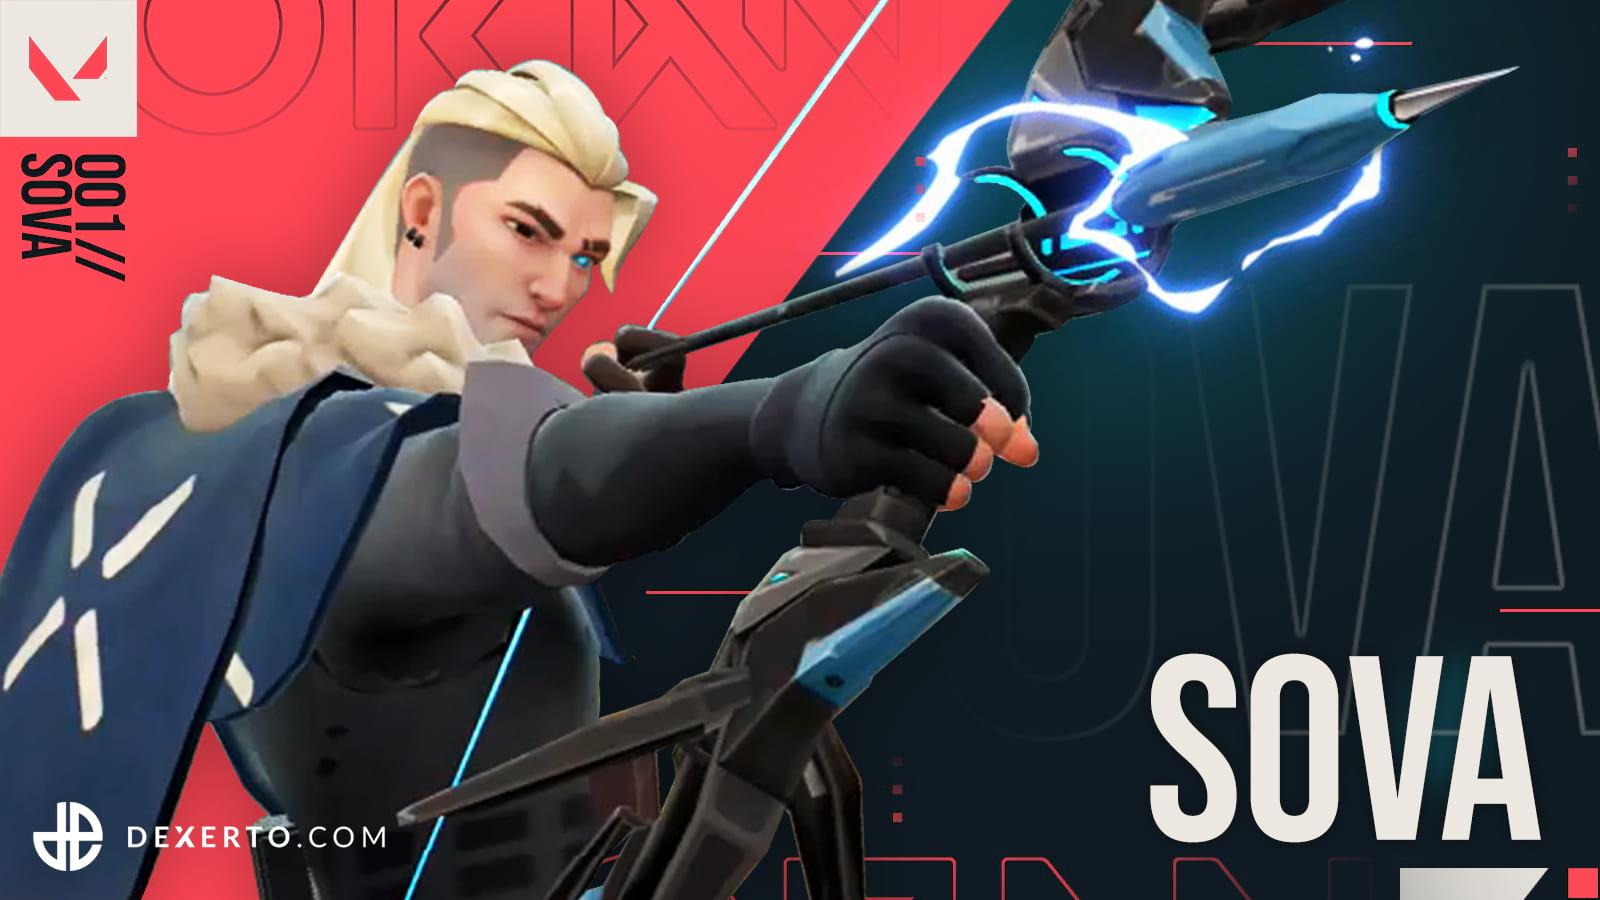 Valorant Agent Sova with bow